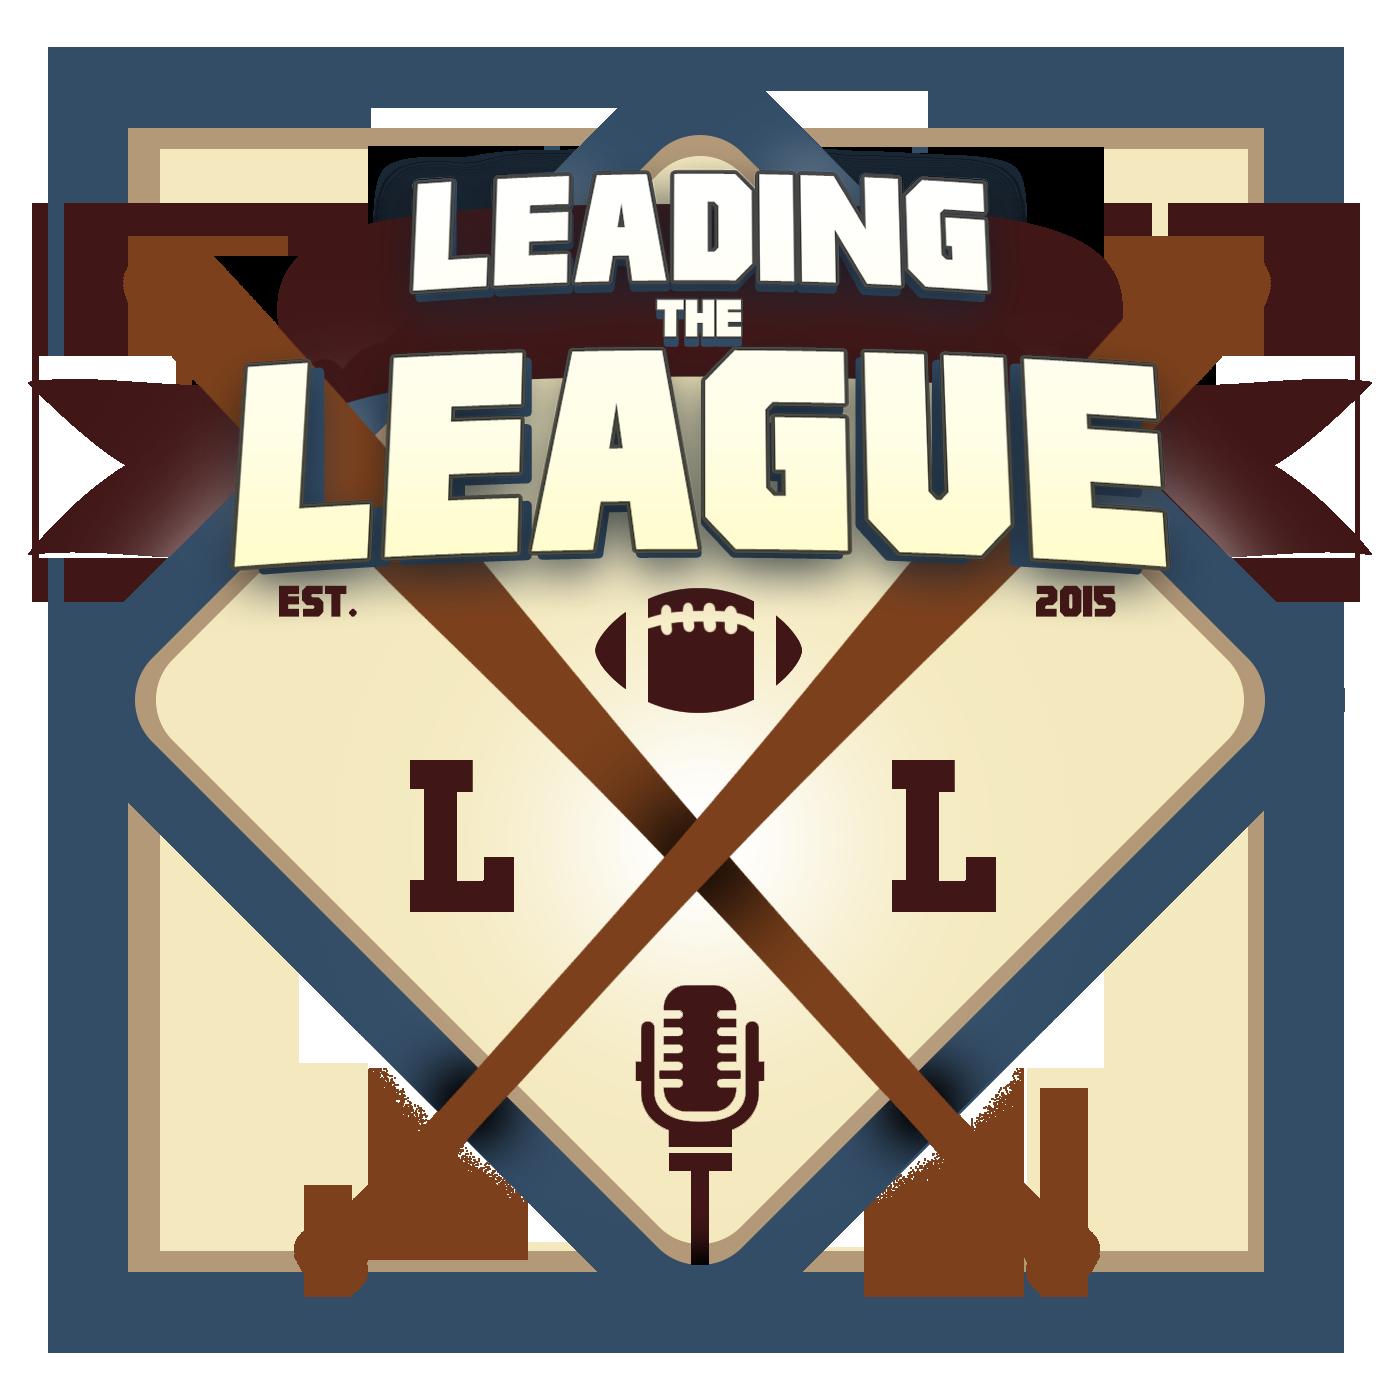 Fantasy Baseball - Ep. 15 - Joey Gallo Debuts & David Wright May Be Done